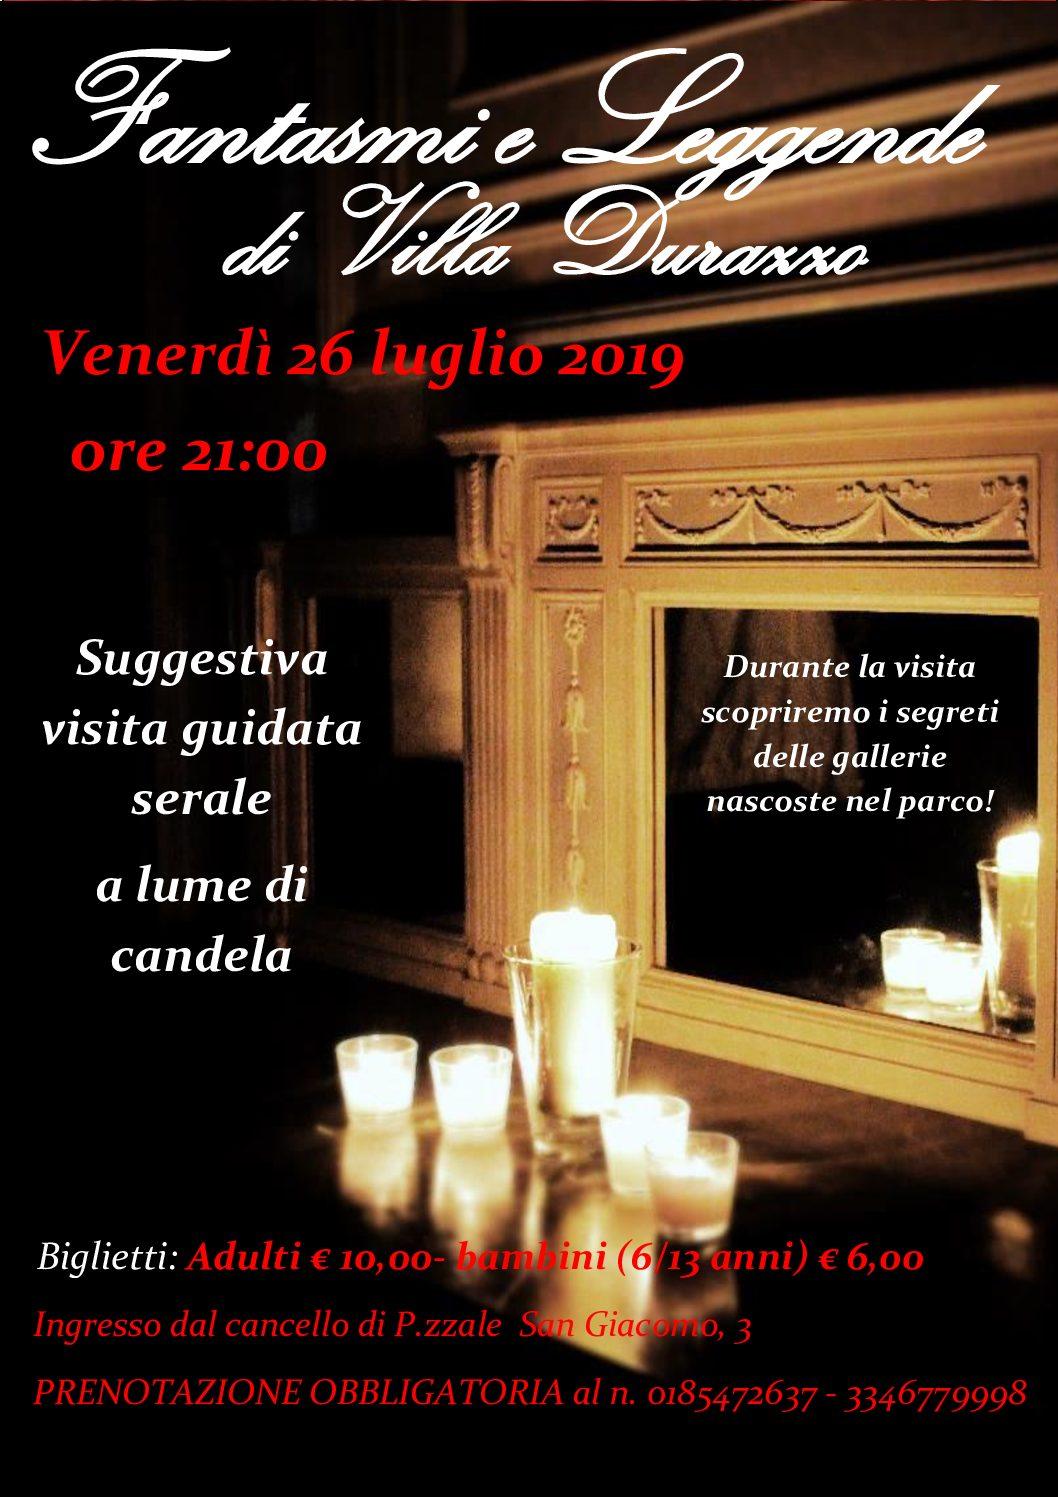 Fantasmi e leggende di Villa Durazzo – venerdì 26 luglio 2019